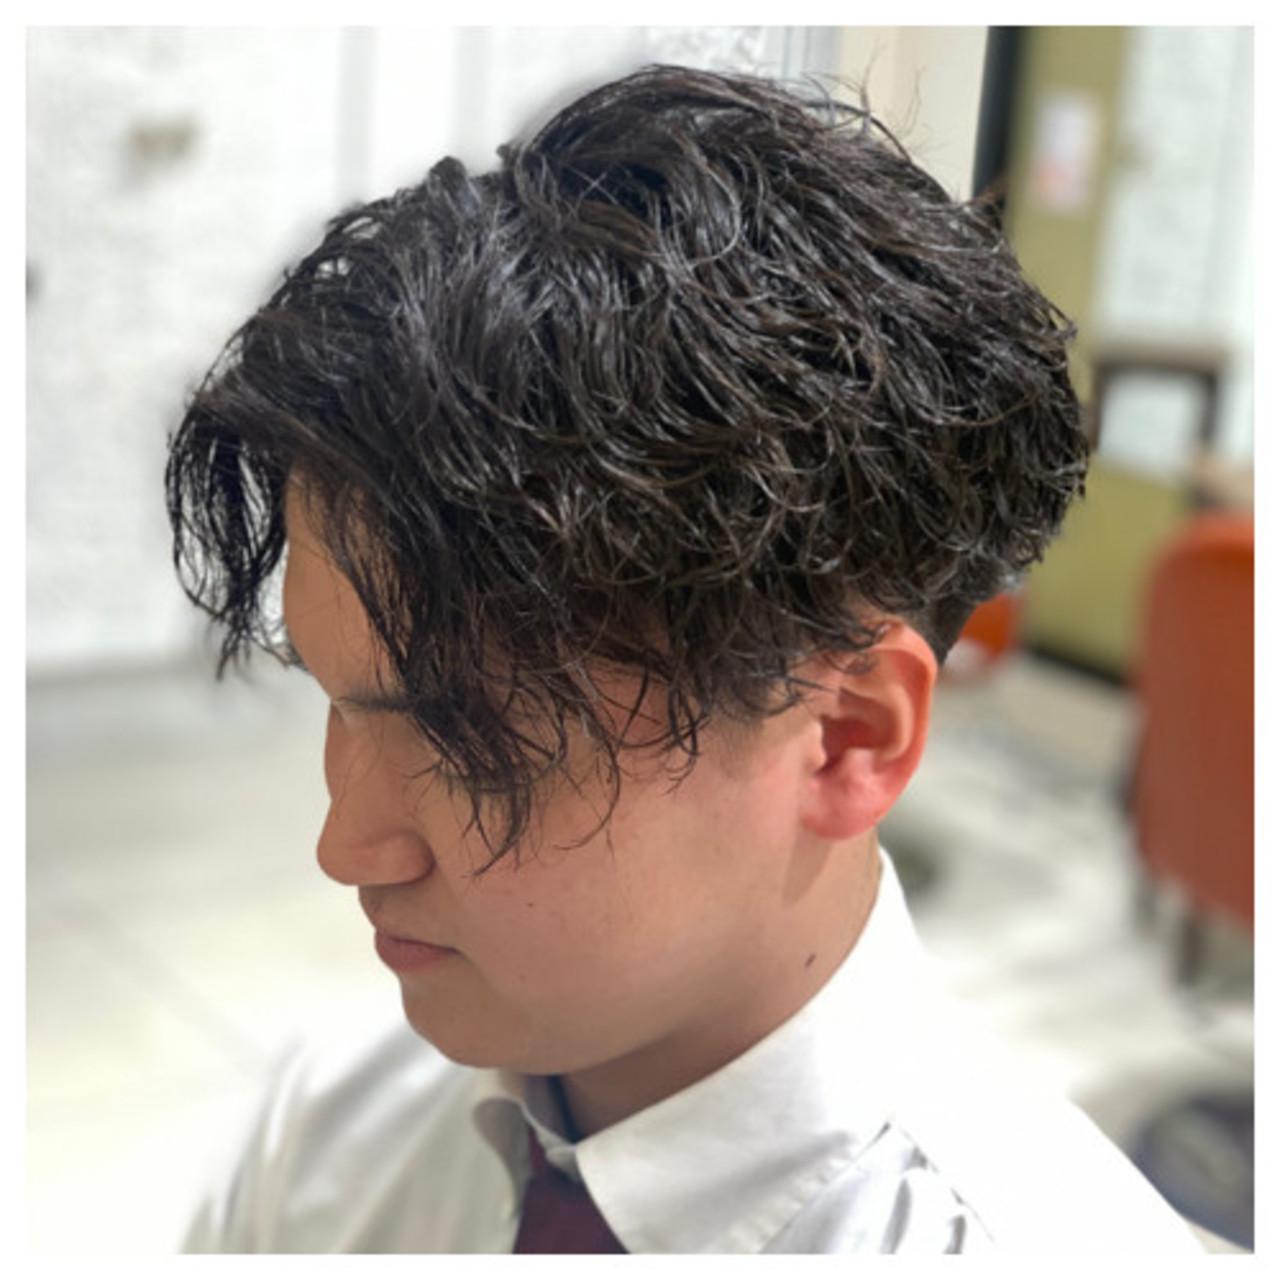 スパイラルパーマ メンズパーマ モード ショート ヘアスタイルや髪型の写真・画像